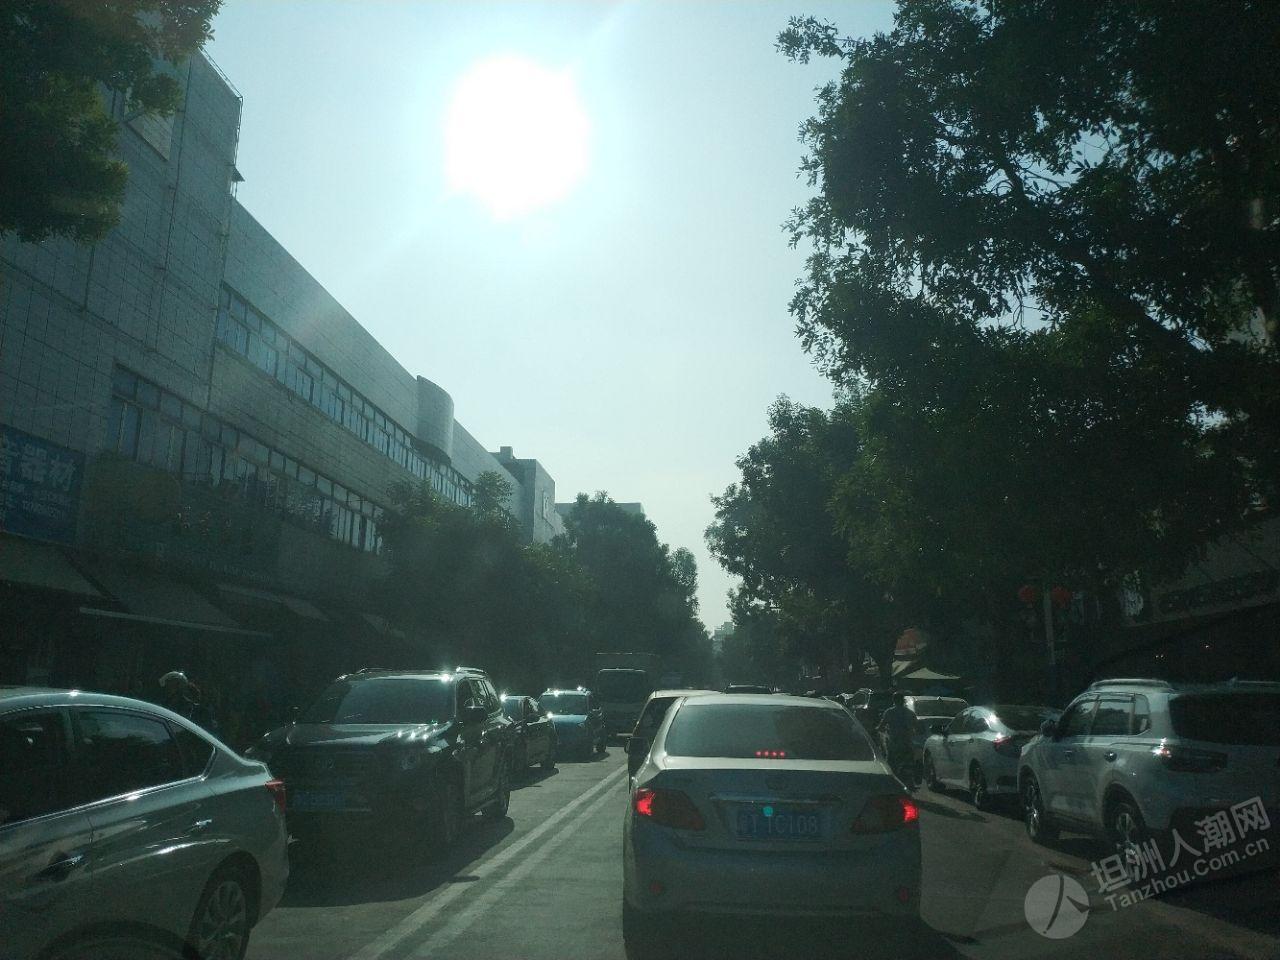 坦洲市场交通繁忙,双交警指挥